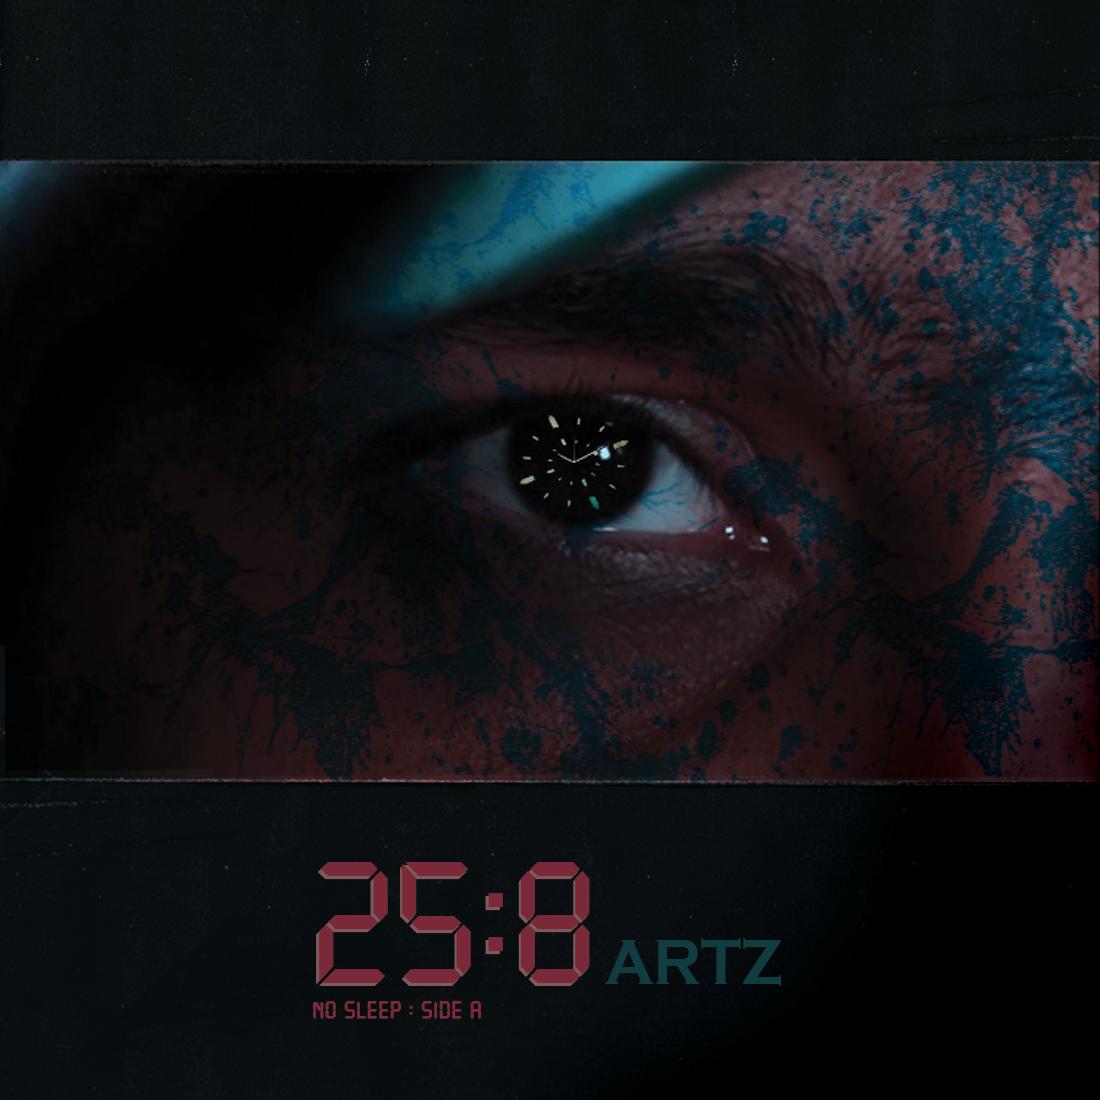 No Sleep: 25/8 (Side A)